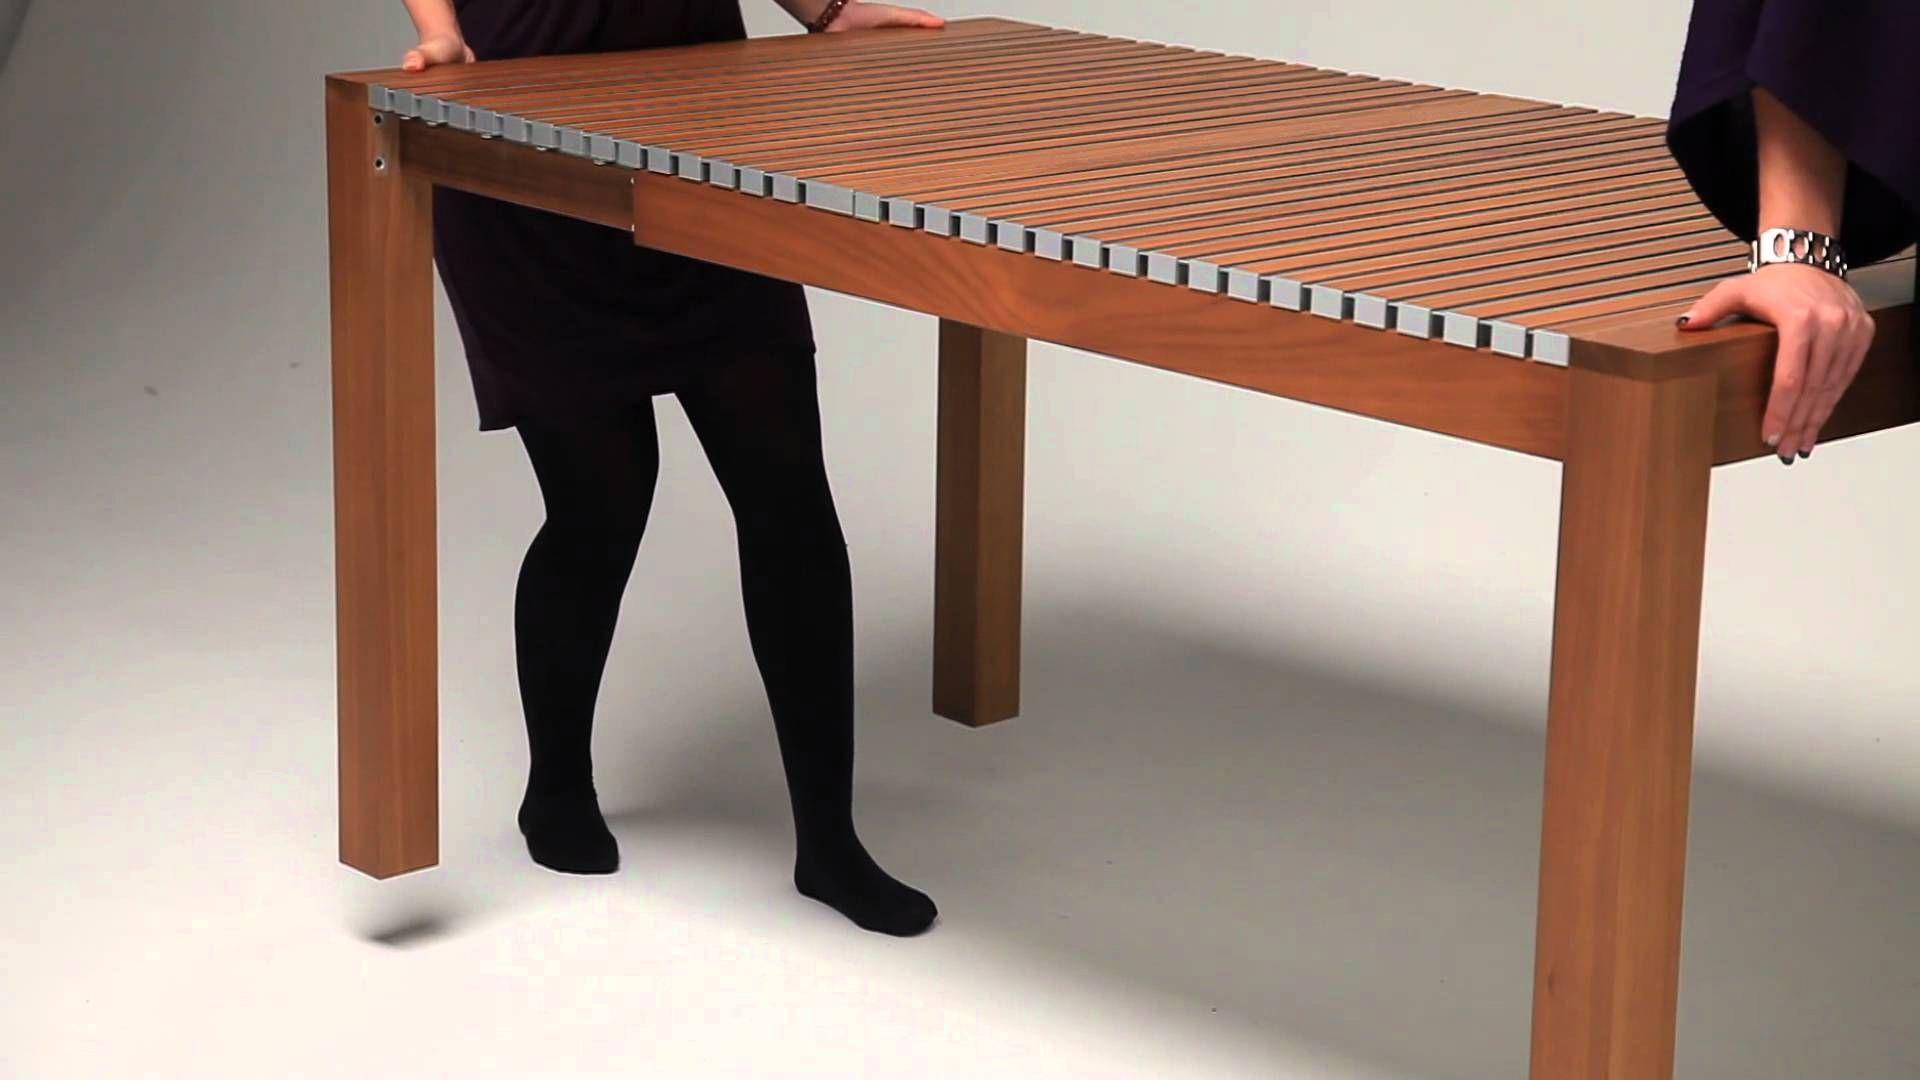 Tantra chair dimensions  Table extensible dissimulée par Julien Vidame